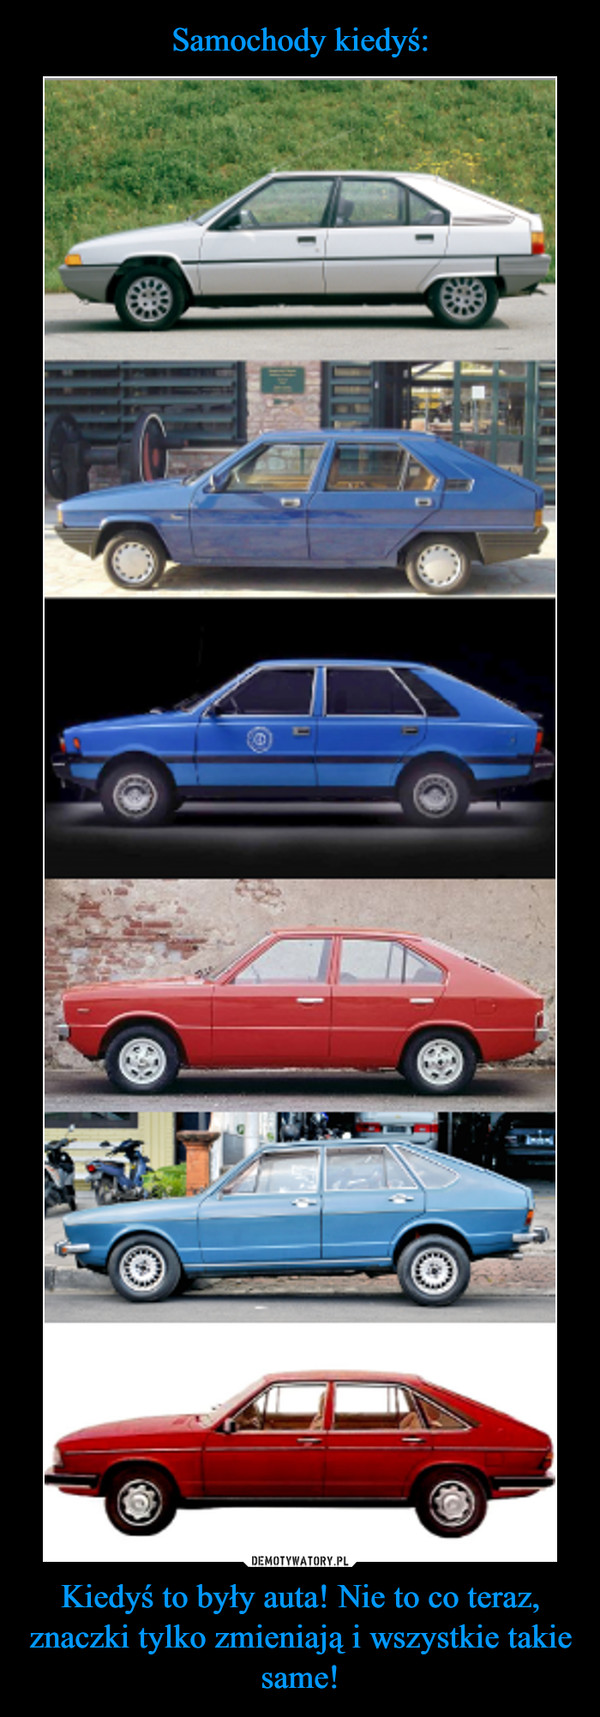 Kiedyś to były auta! Nie to co teraz, znaczki tylko zmieniają i wszystkie takie same! –